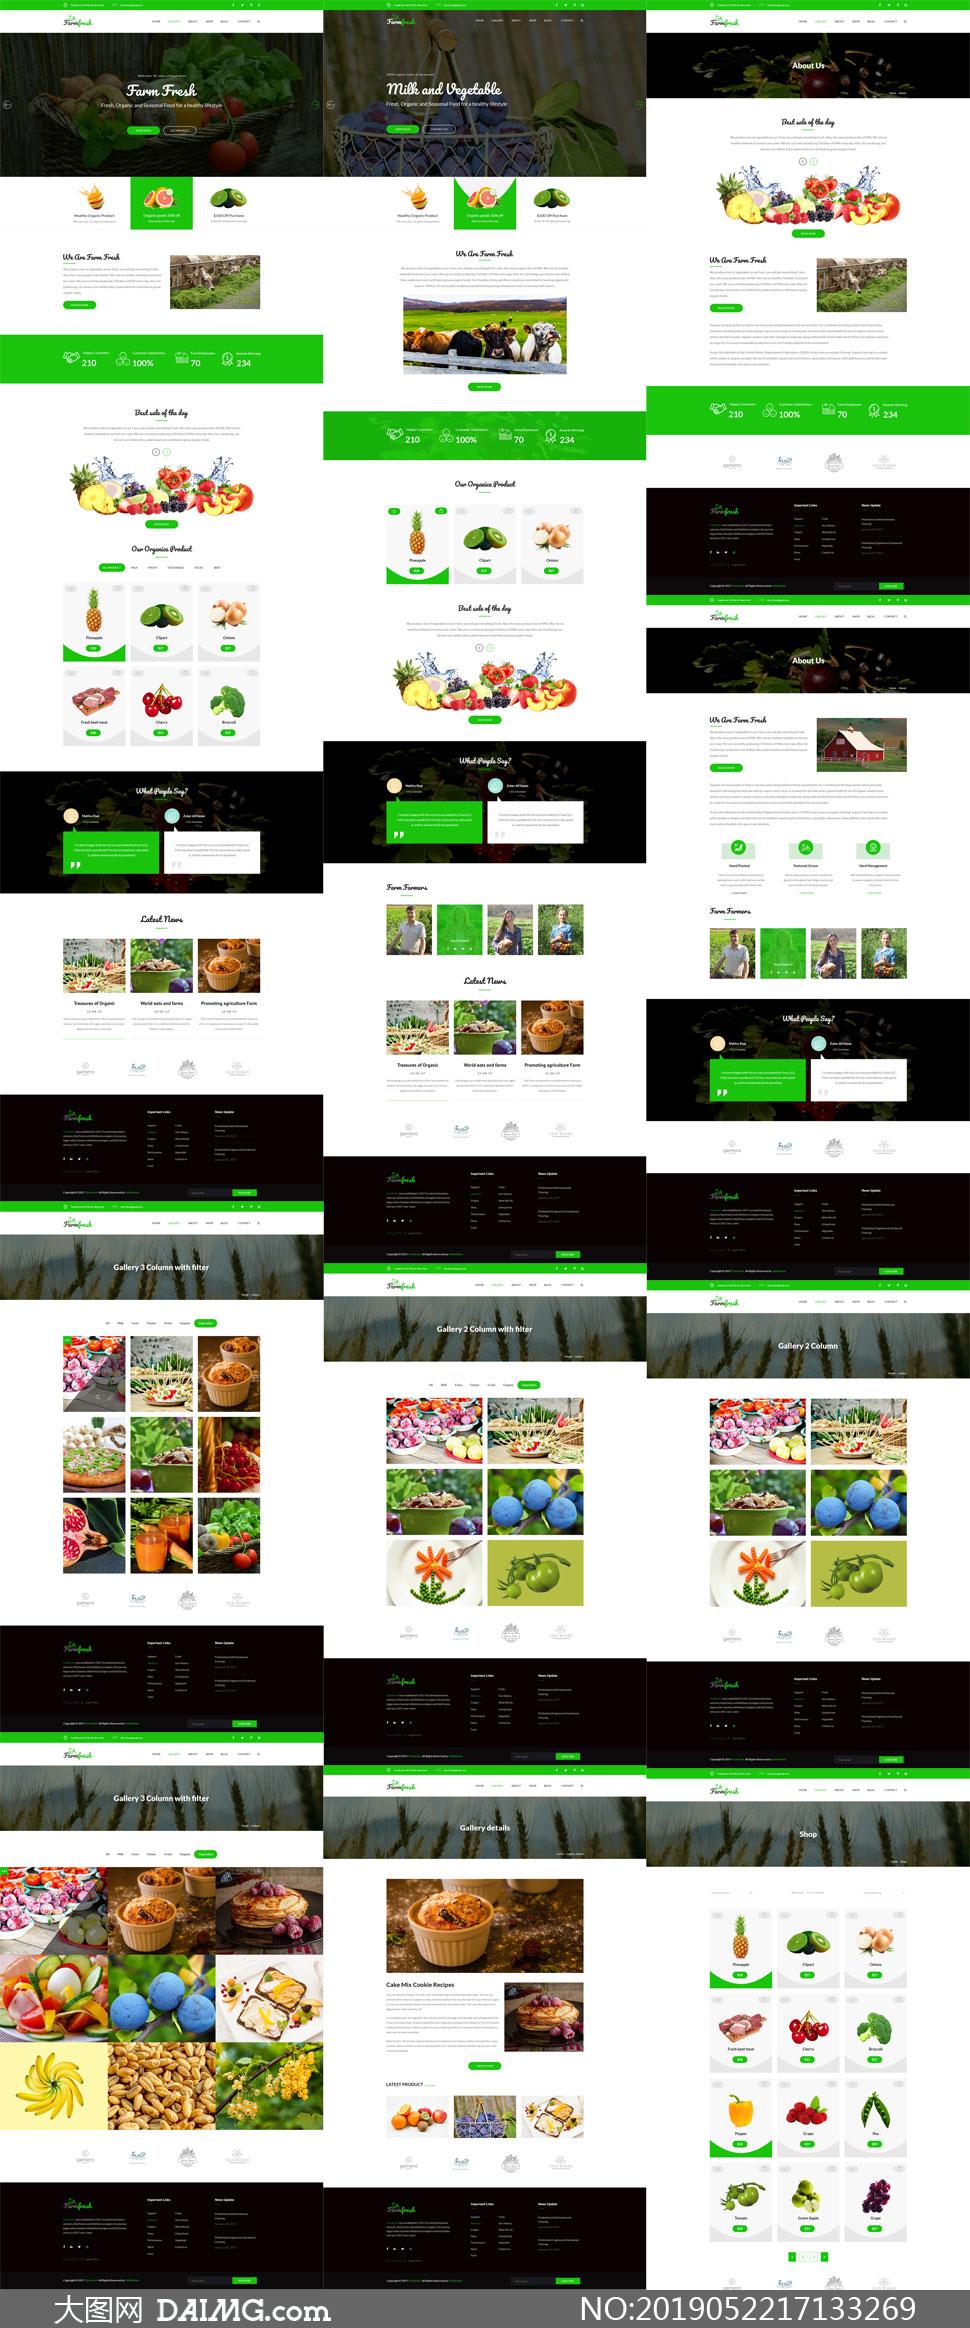 有机食品与生态农场等网站设计模板